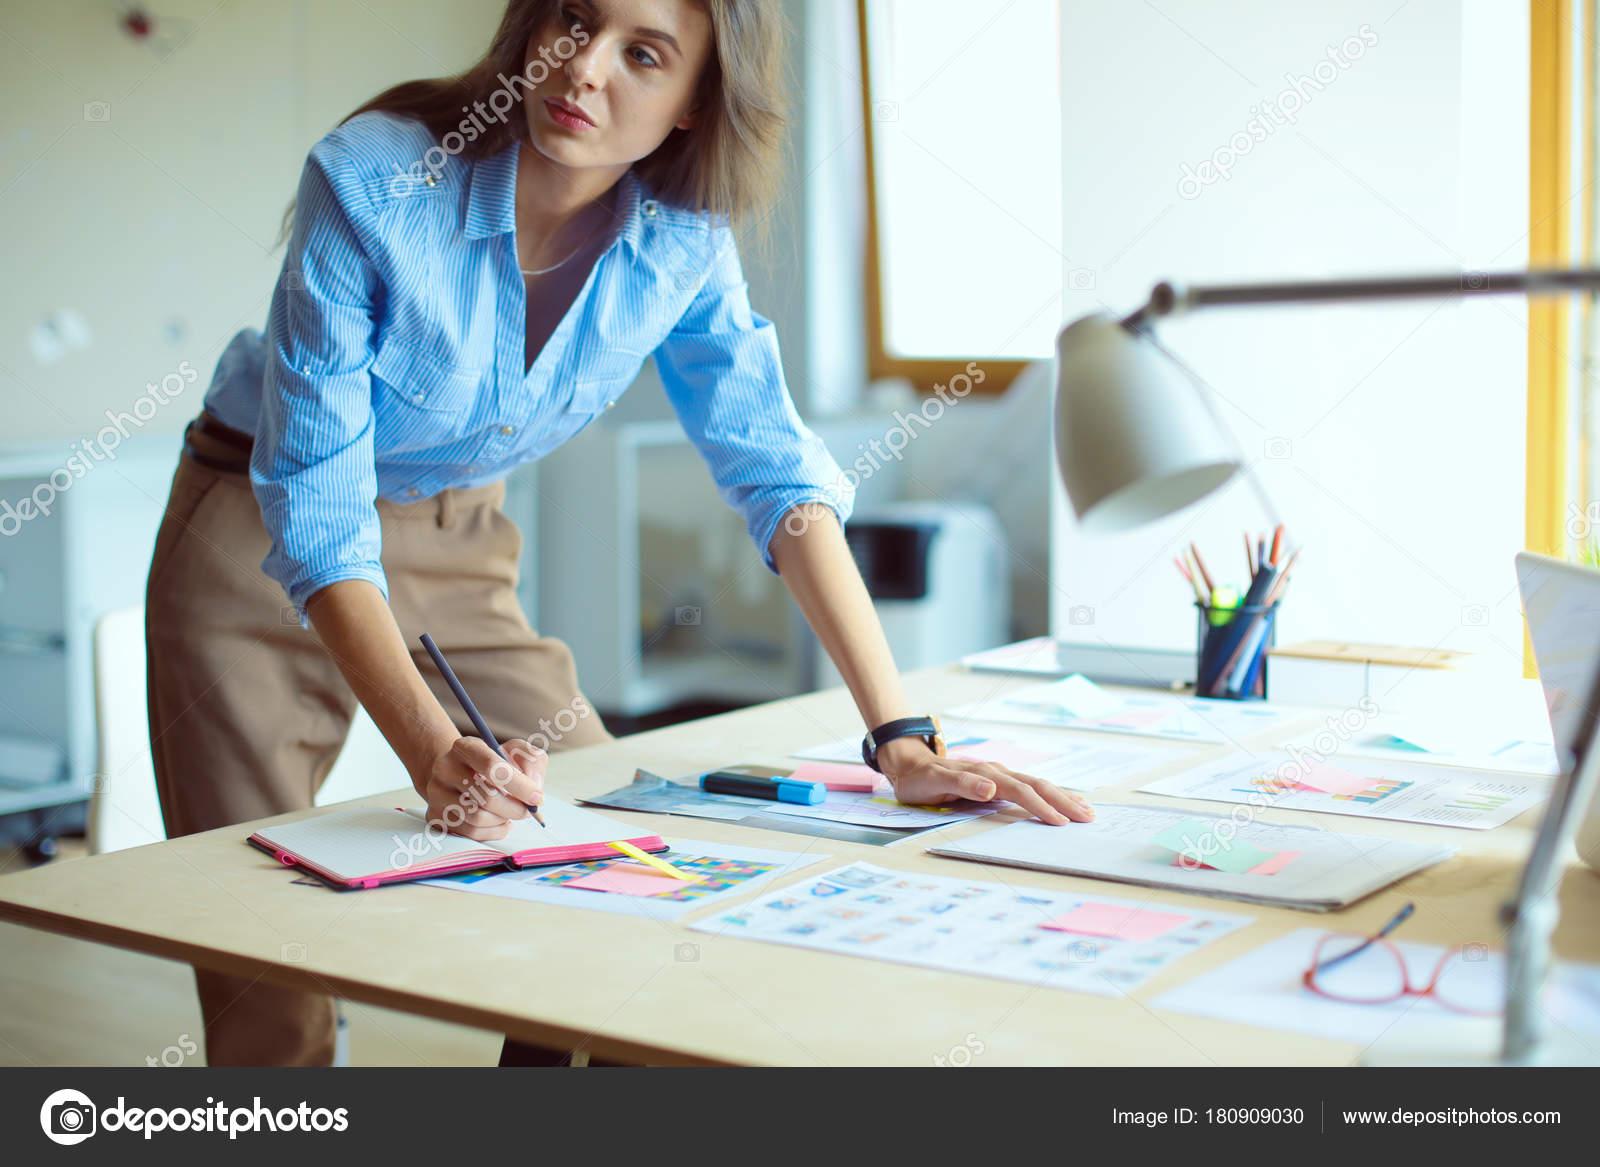 Trabajo Mujer Joven Sentada En Un Escritorio. Mujer De